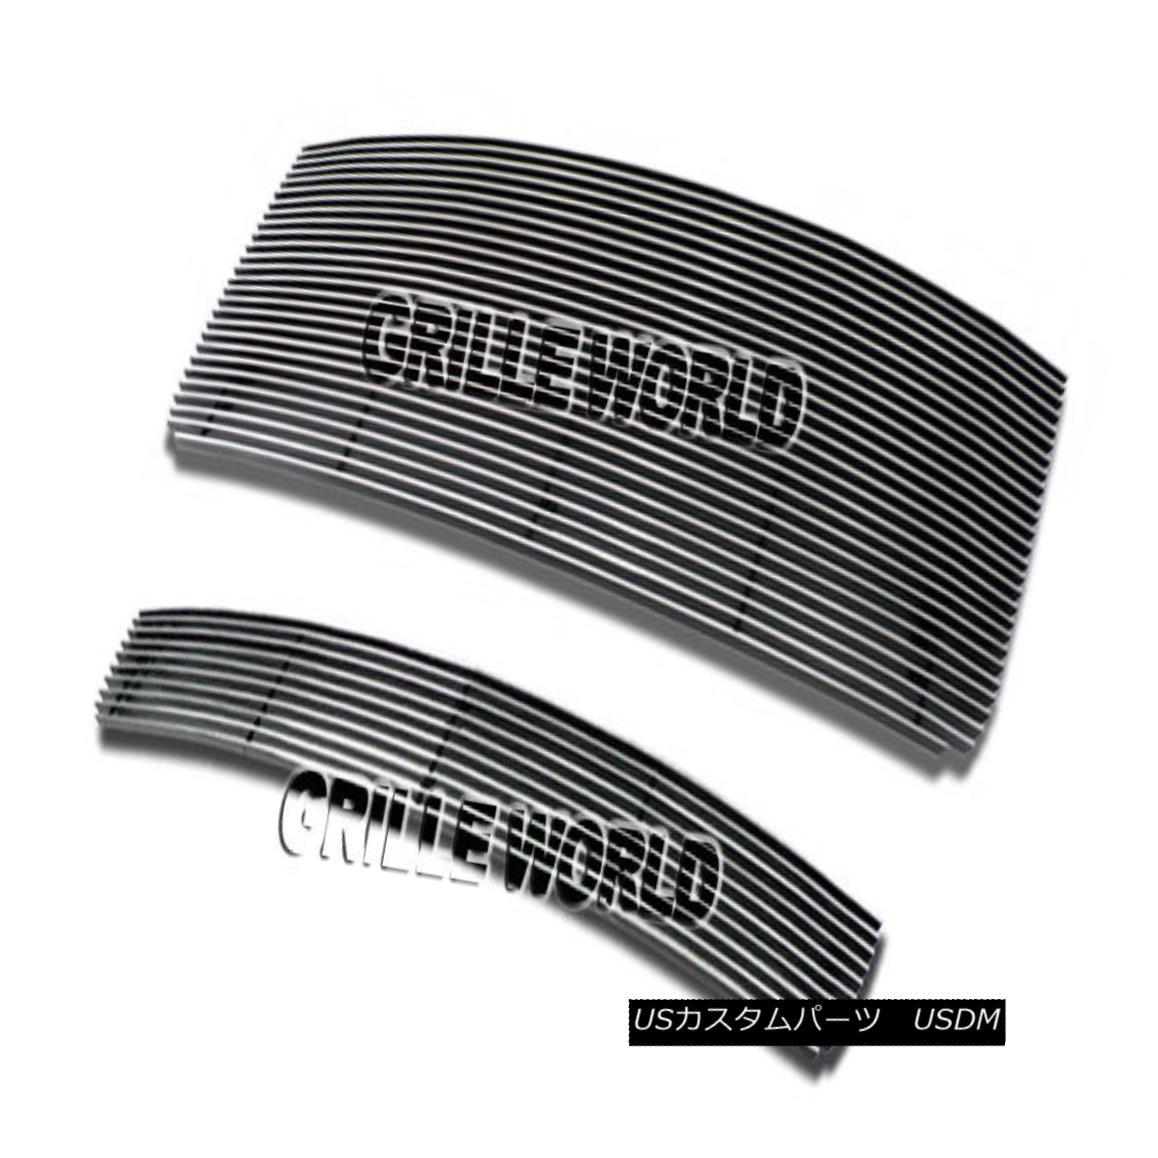 グリル For 07-10 GMC Sierra 2500HD/3500HD Billet Premium Grille Insert Combo 07-10 GMC Sierra 2500HD / 3500HDビレットプレミアムグリルインサートコンボ用